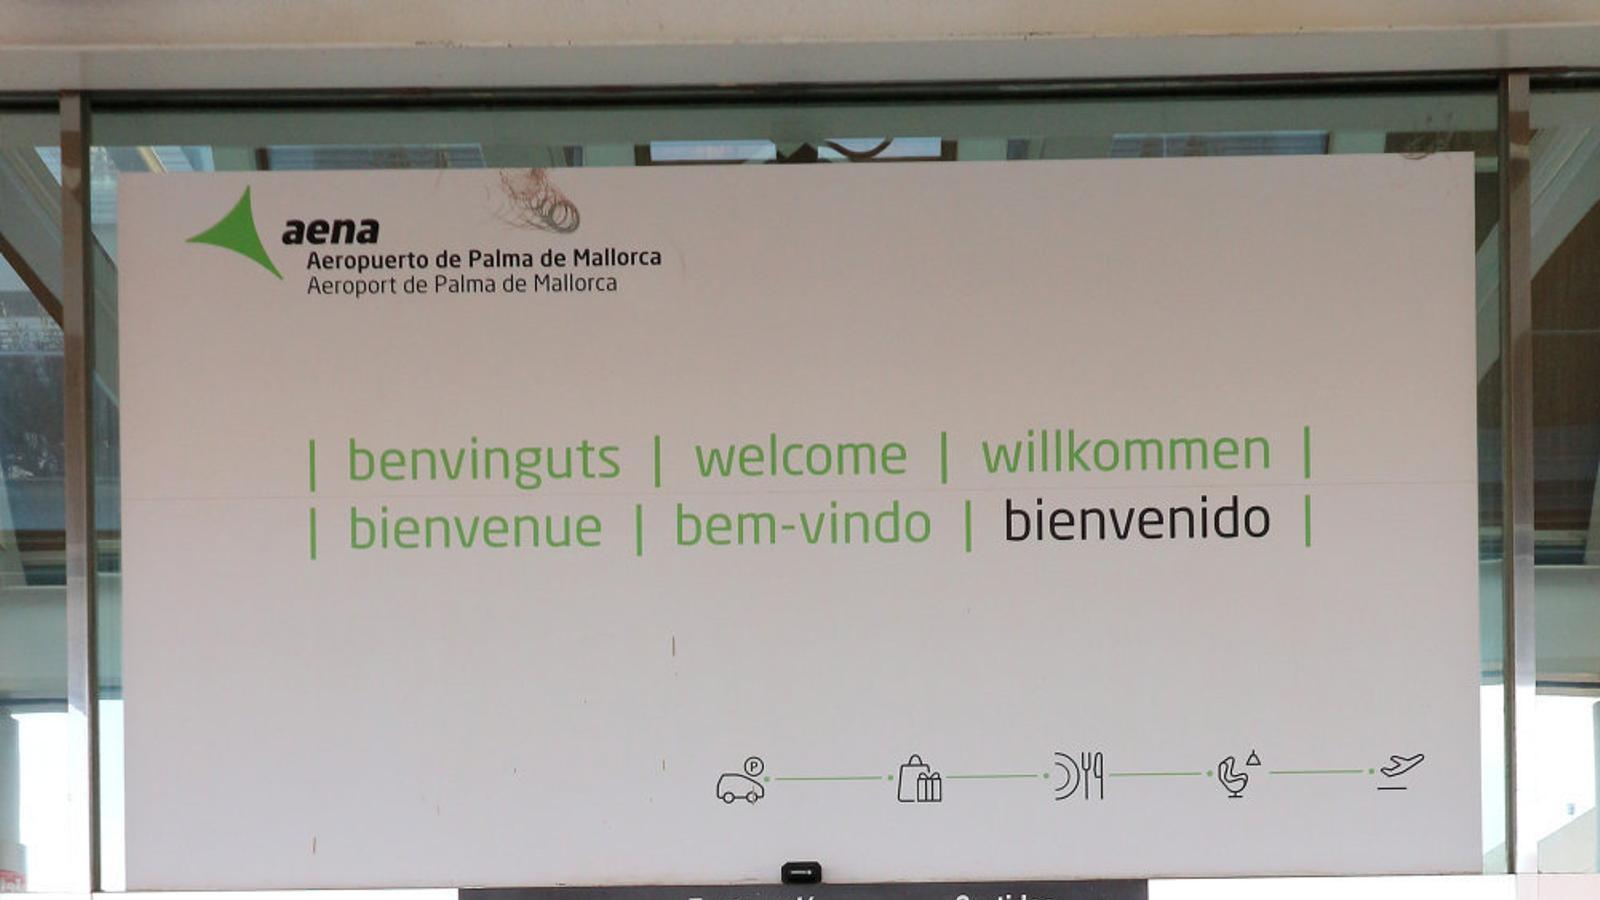 Mallorca és un no-lloc, segons l'aeroport de   Son Sant Joan